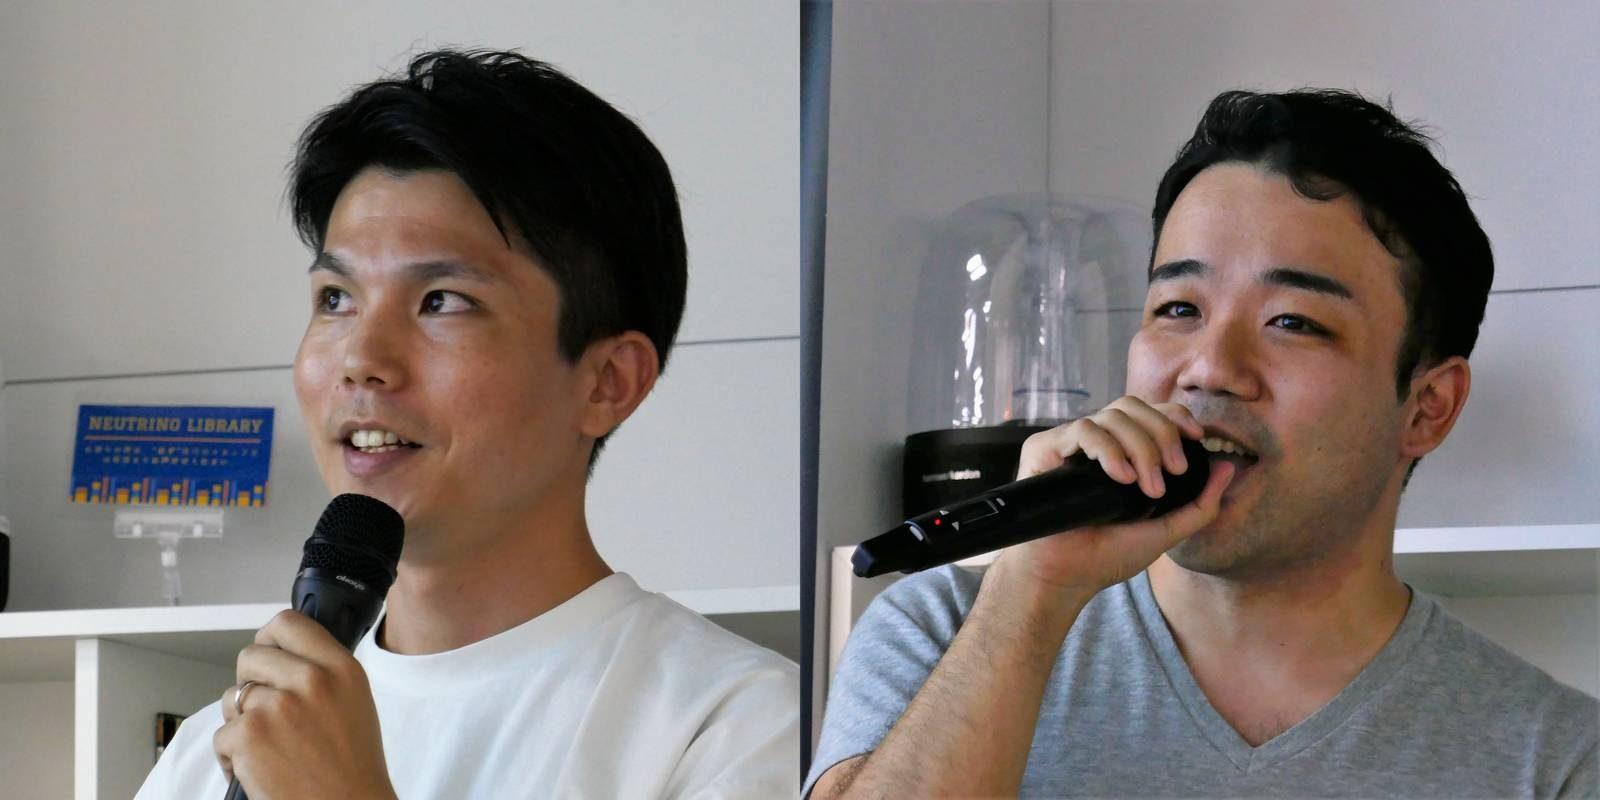 (左)成田博之氏 (右)徳地佑悟氏 ともに株式会社メタップスアルファ